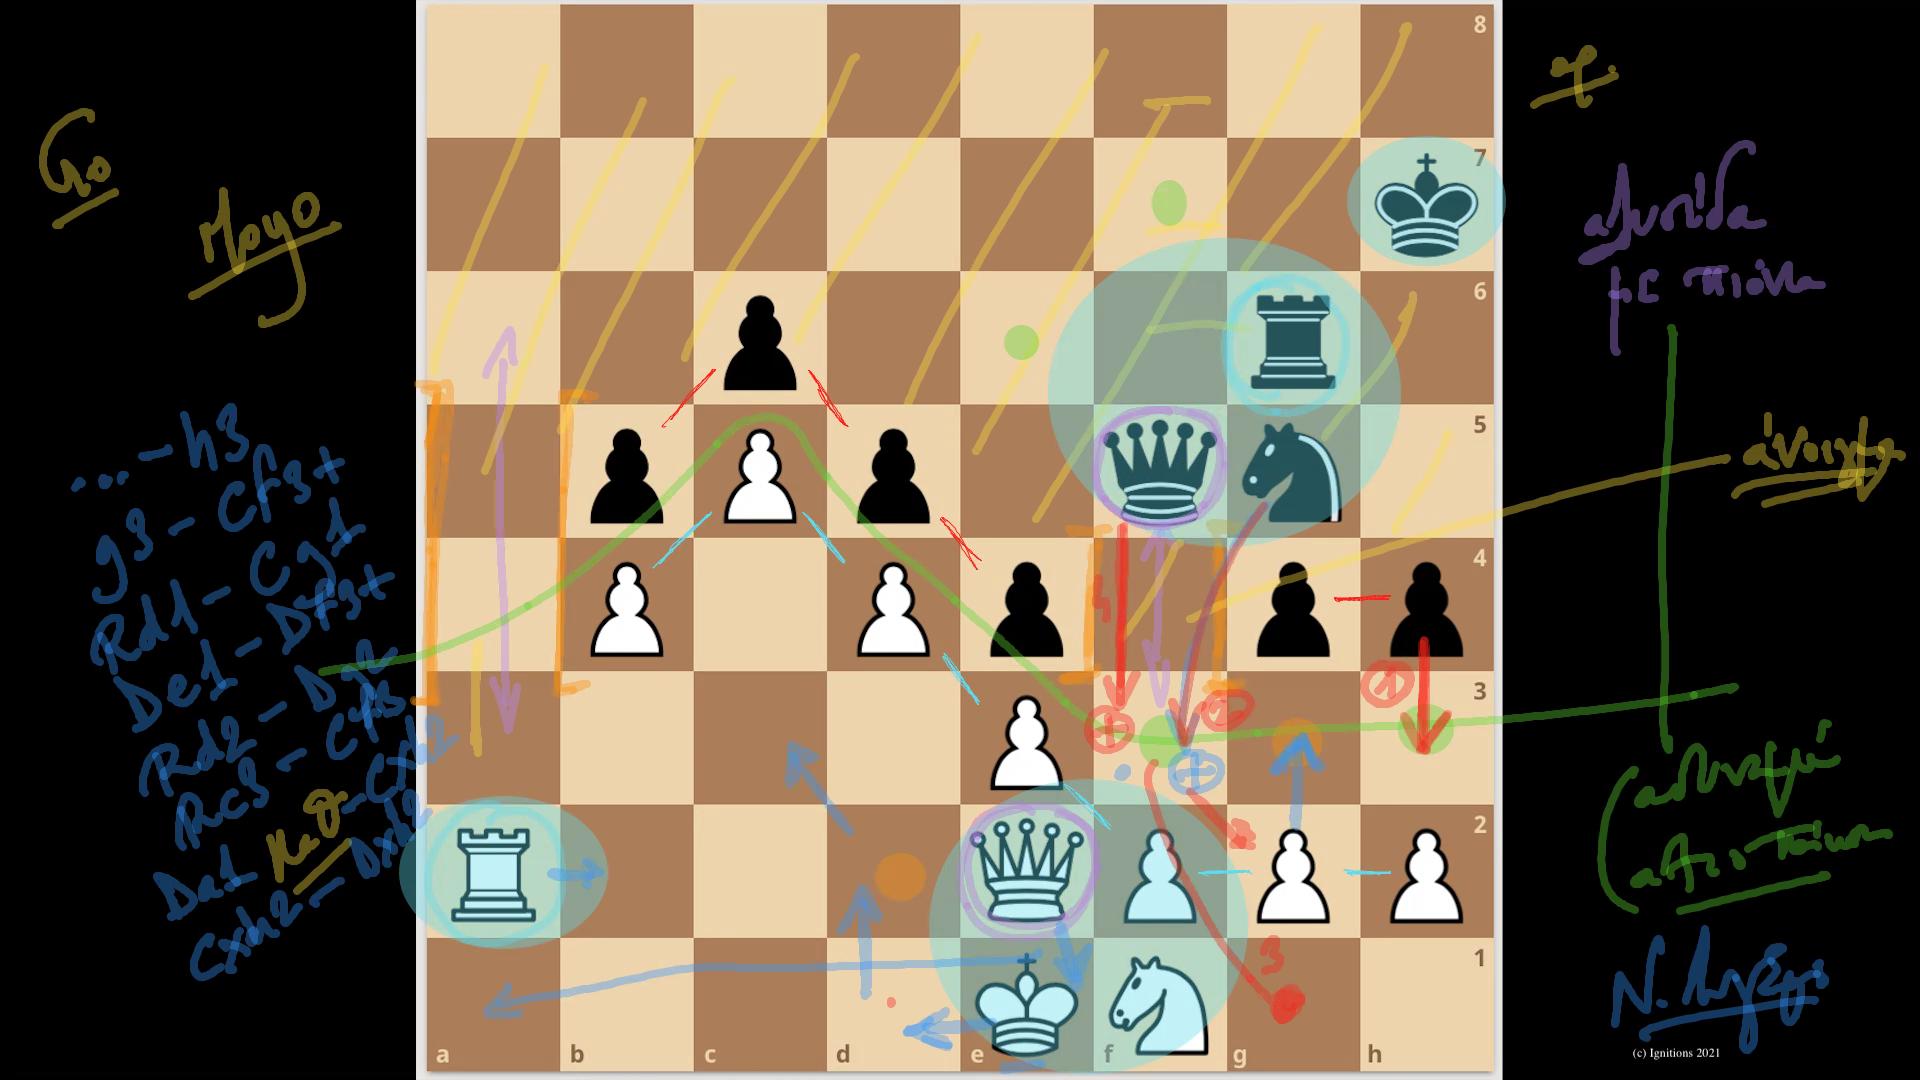 59874 - e-Μάθημα: Τεχνικές αλυσίδας στο σκάκι. (Dessin)